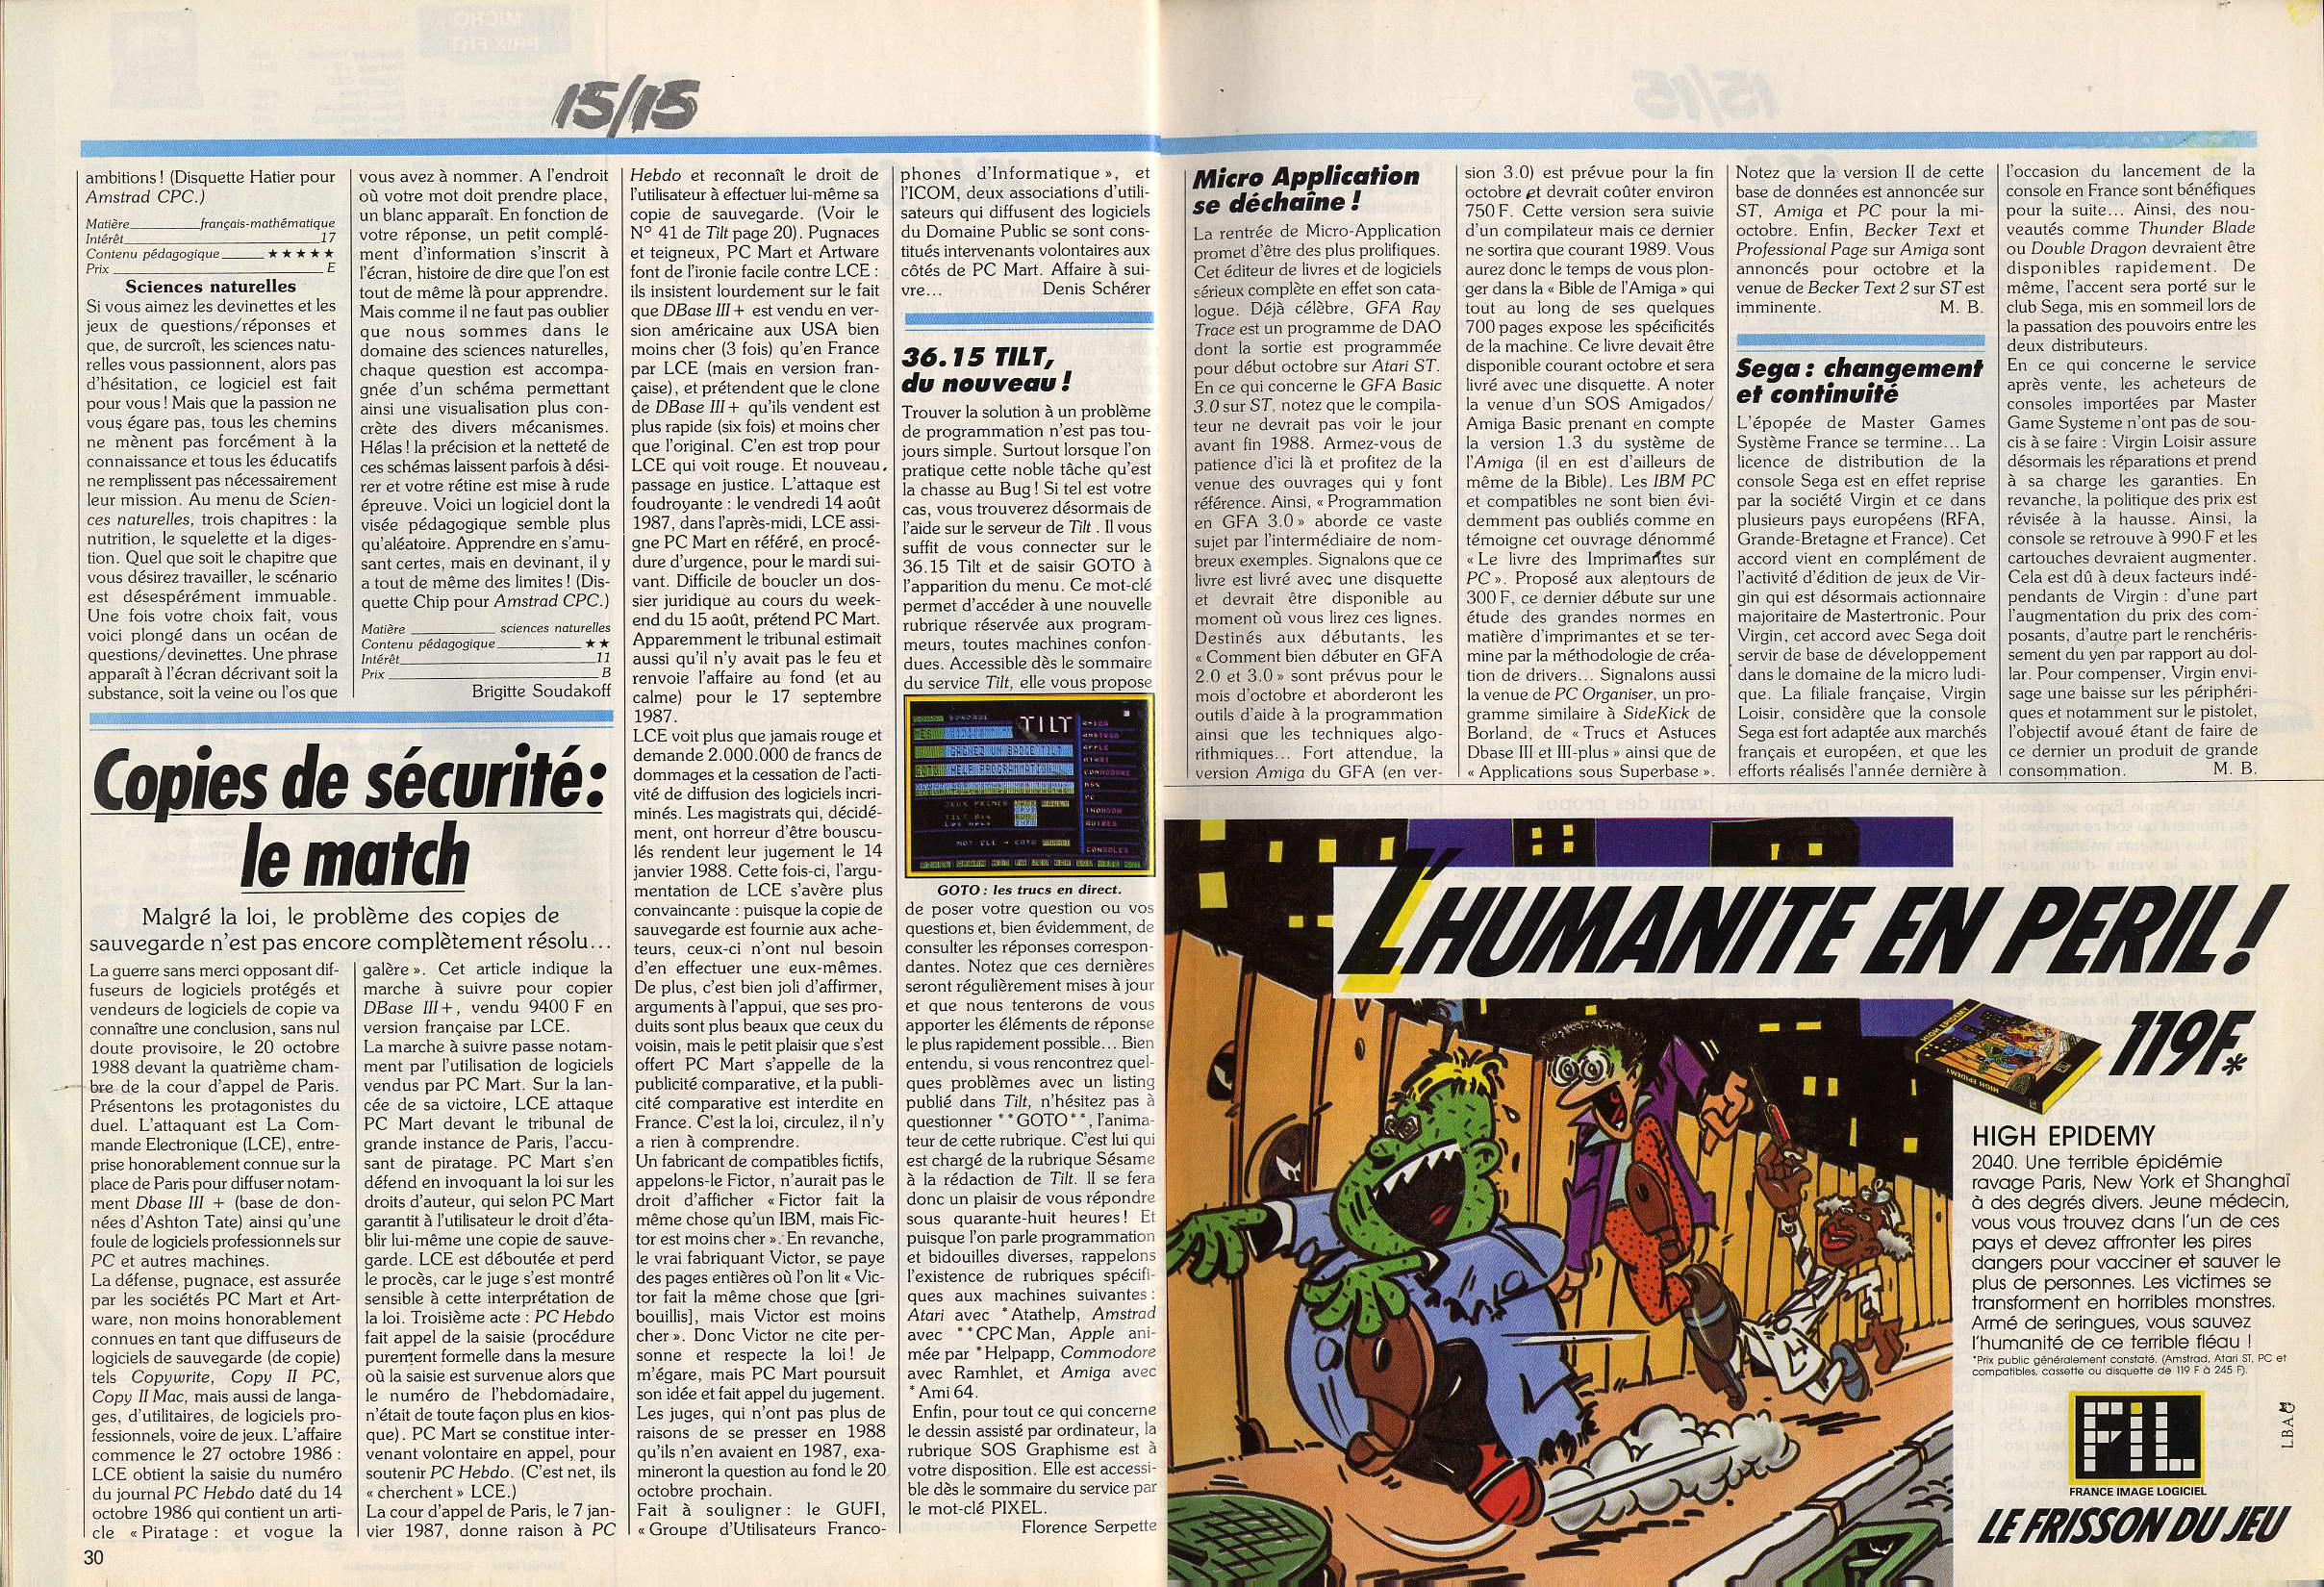 Tentative liste Line Up France Sega Master System printemps 87. - Page 3 TILT%20-%20N058%20-%20octobre%201988%20-%20page030%20et%20page031